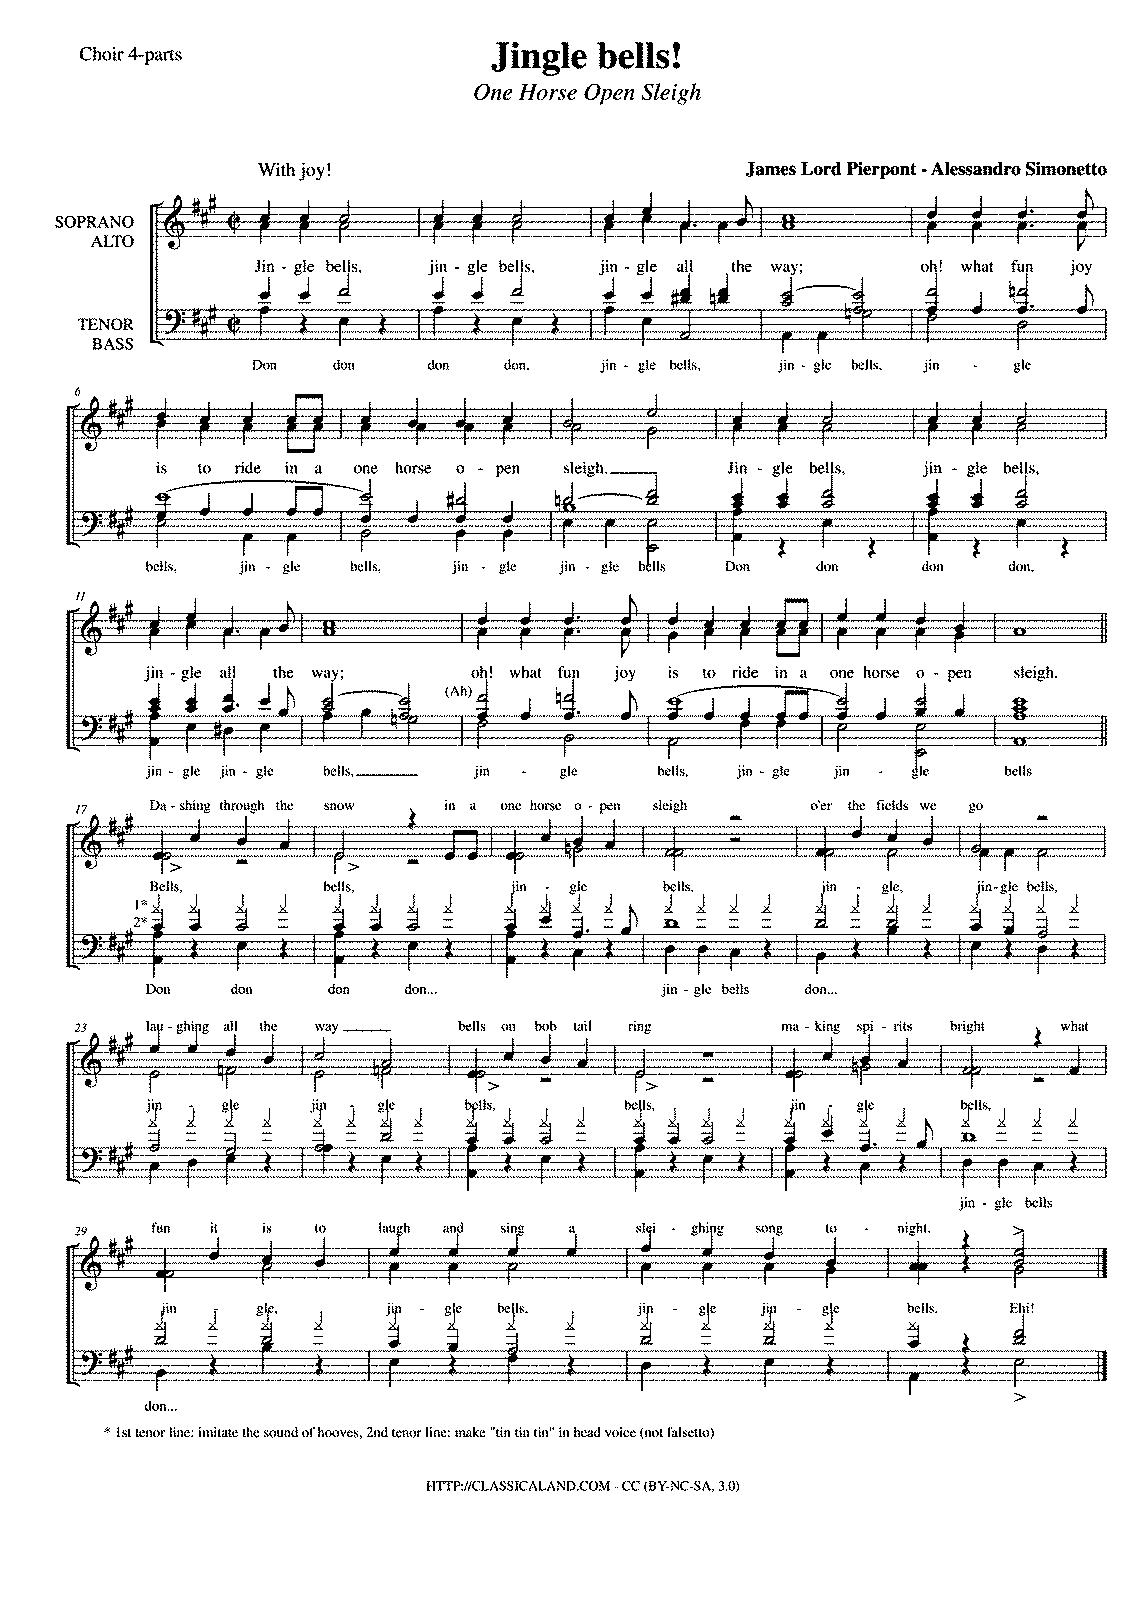 Jingle Bell Rock Sheet Music Piano